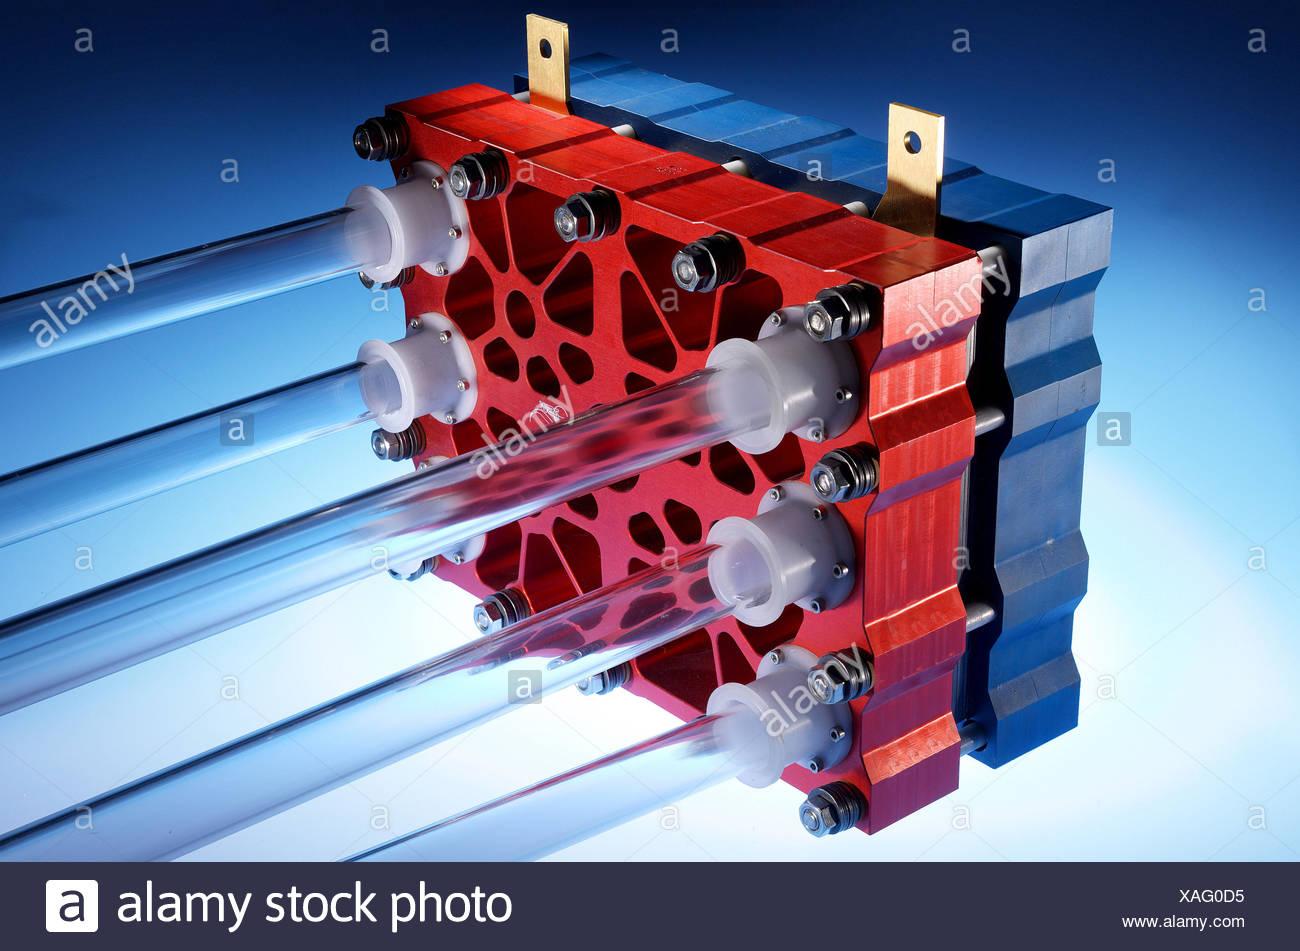 Wunderbar Kesselverbrennung Bilder - Schaltplan Serie Circuit ...